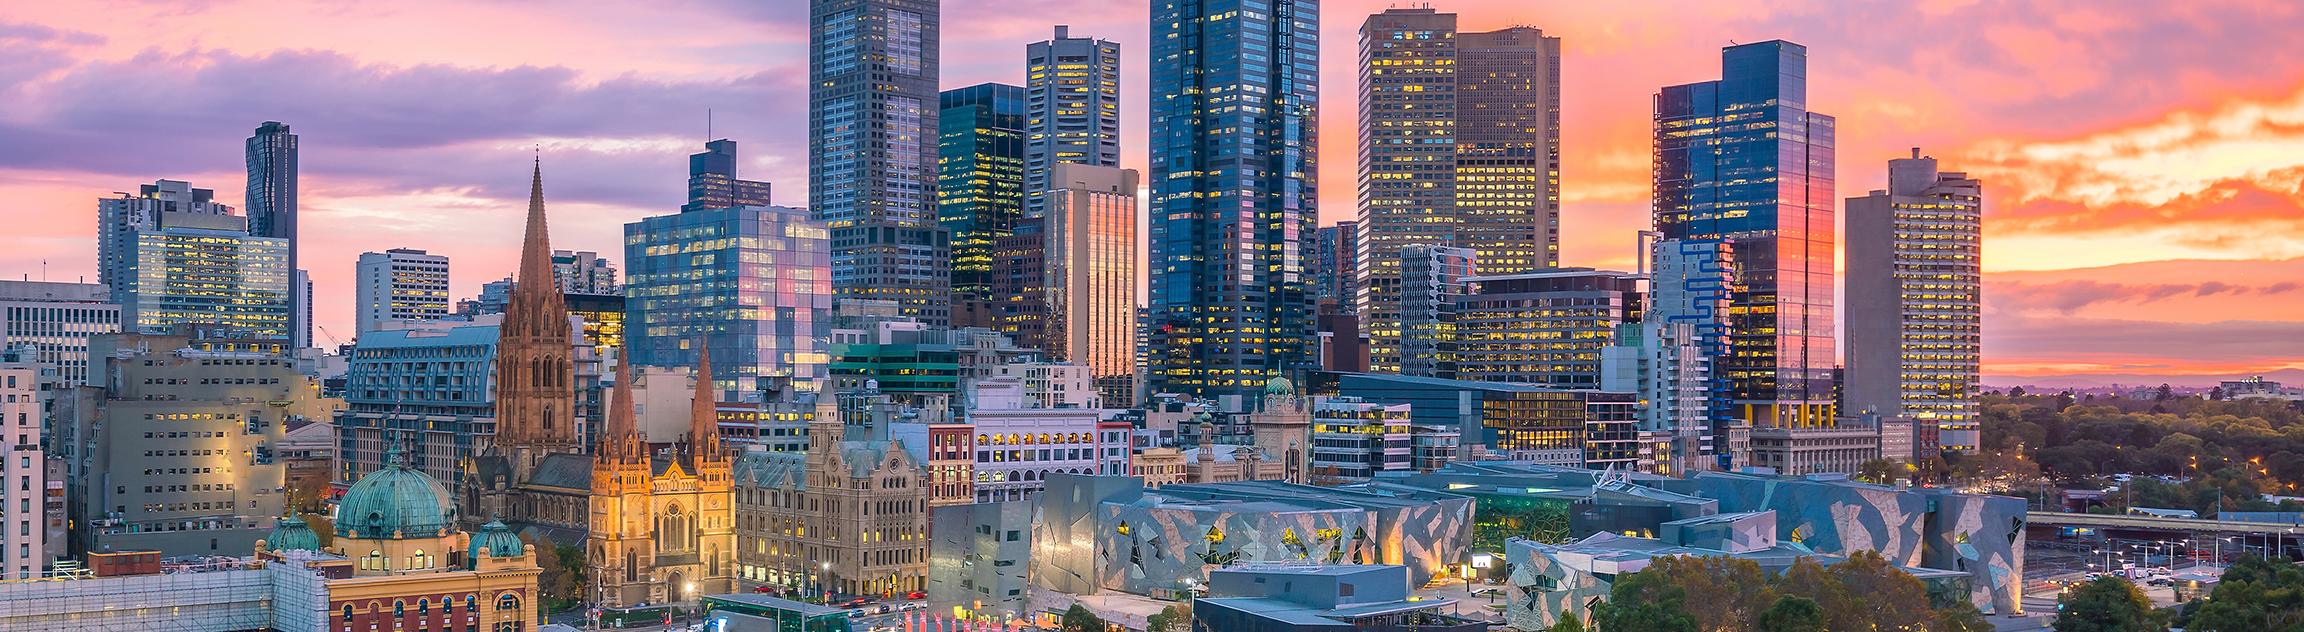 Travel & Tourism Economic Impact on Cities | World Travel & Tourism Council  (WTTC)